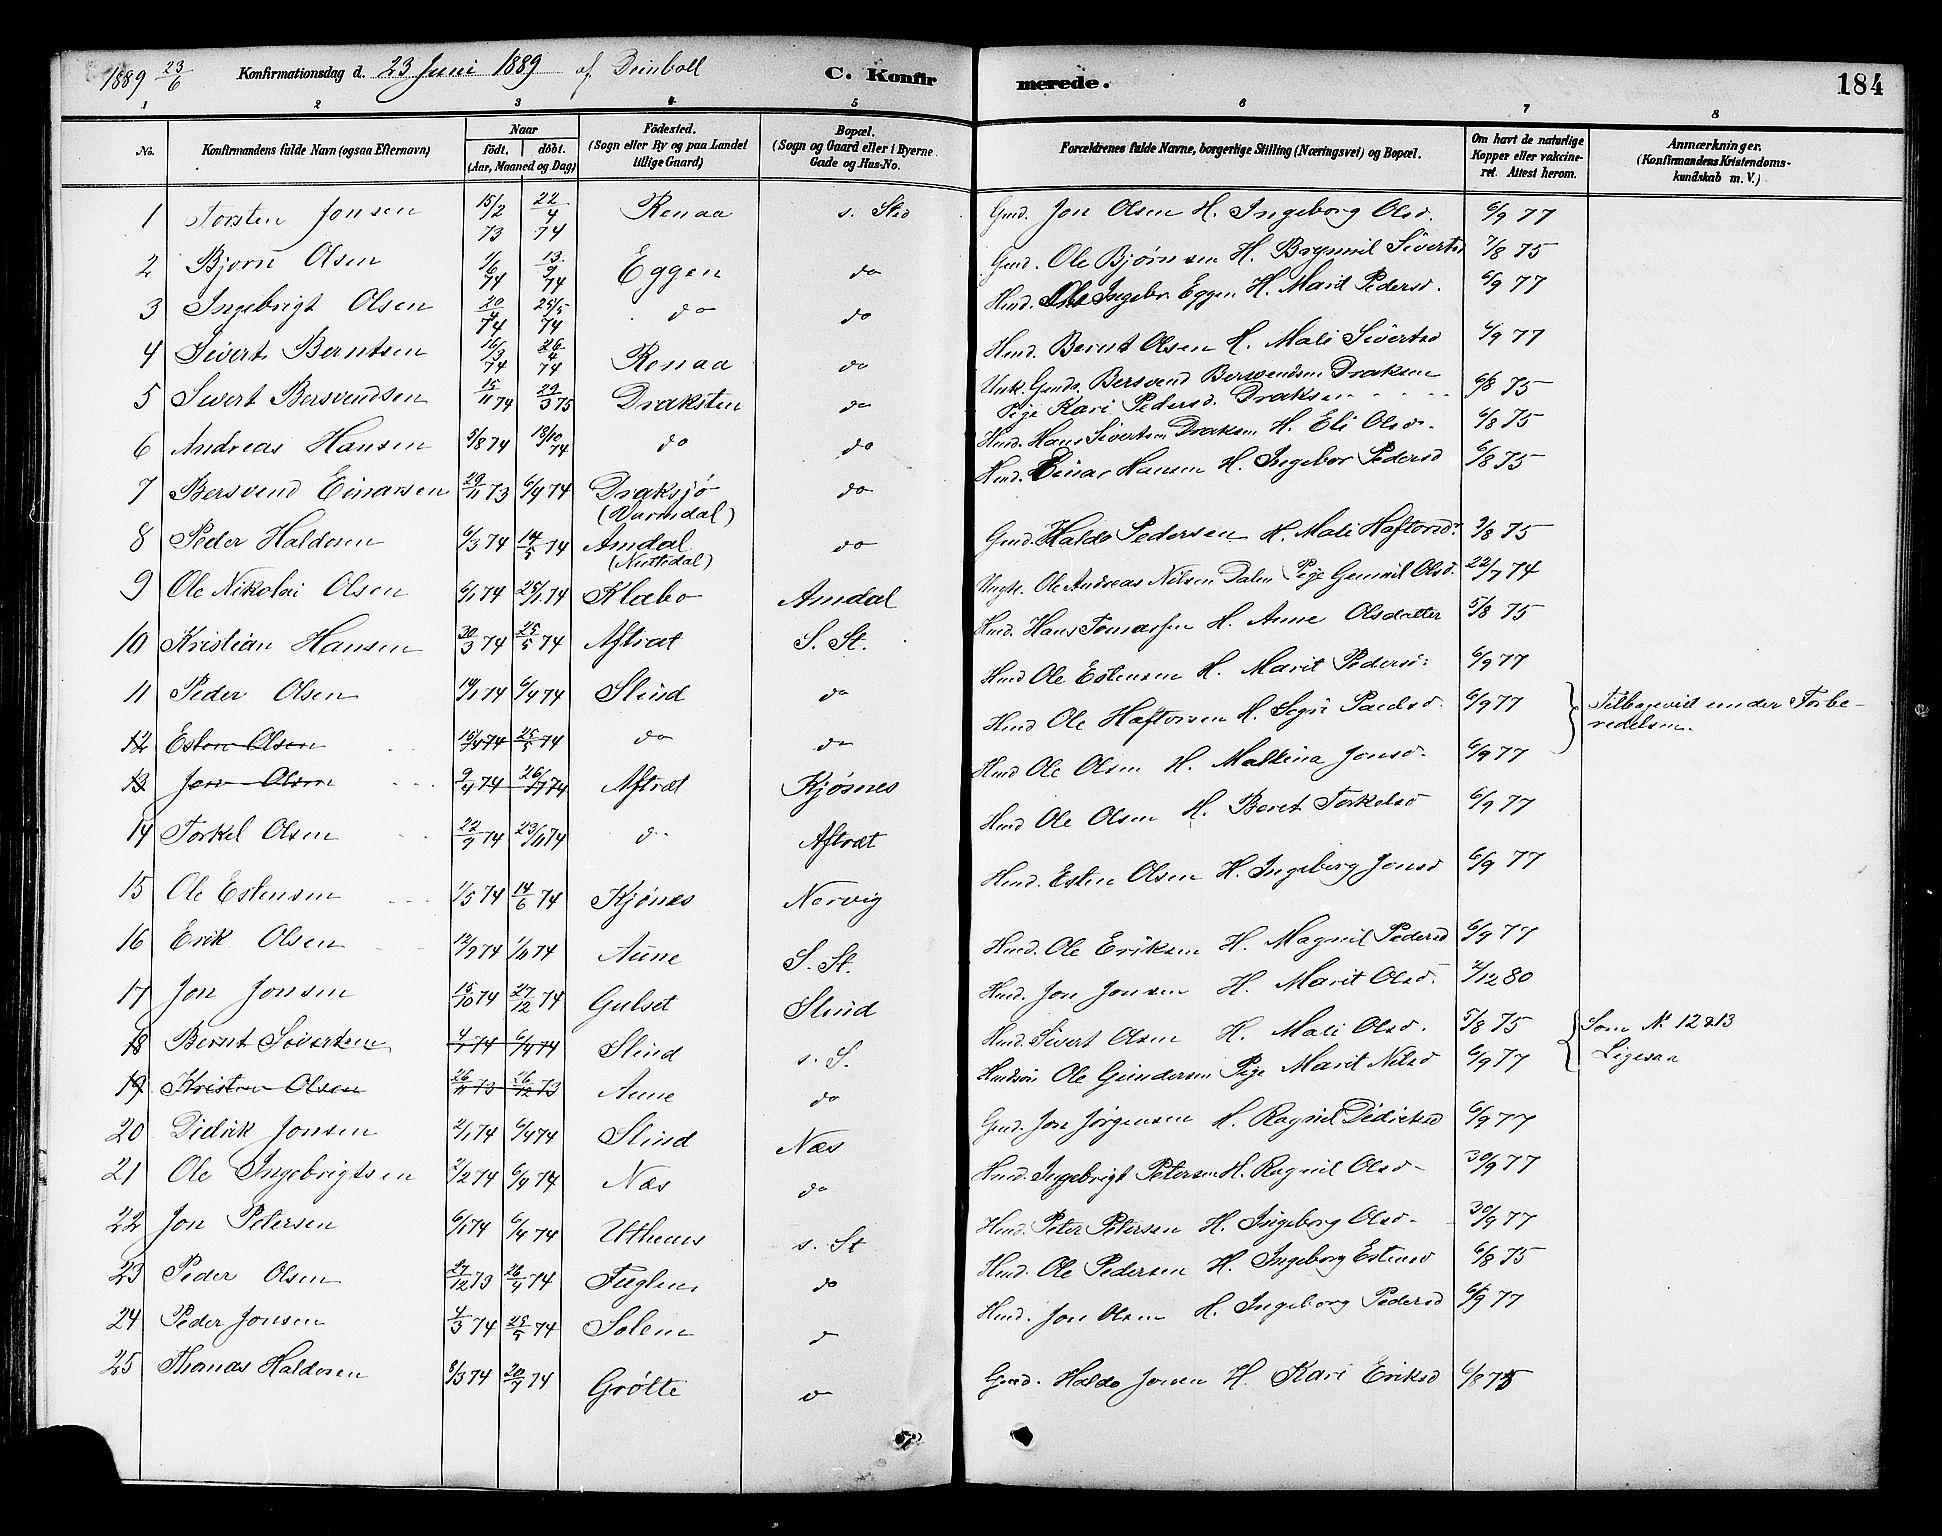 SAT, Ministerialprotokoller, klokkerbøker og fødselsregistre - Sør-Trøndelag, 695/L1157: Klokkerbok nr. 695C08, 1889-1913, s. 184